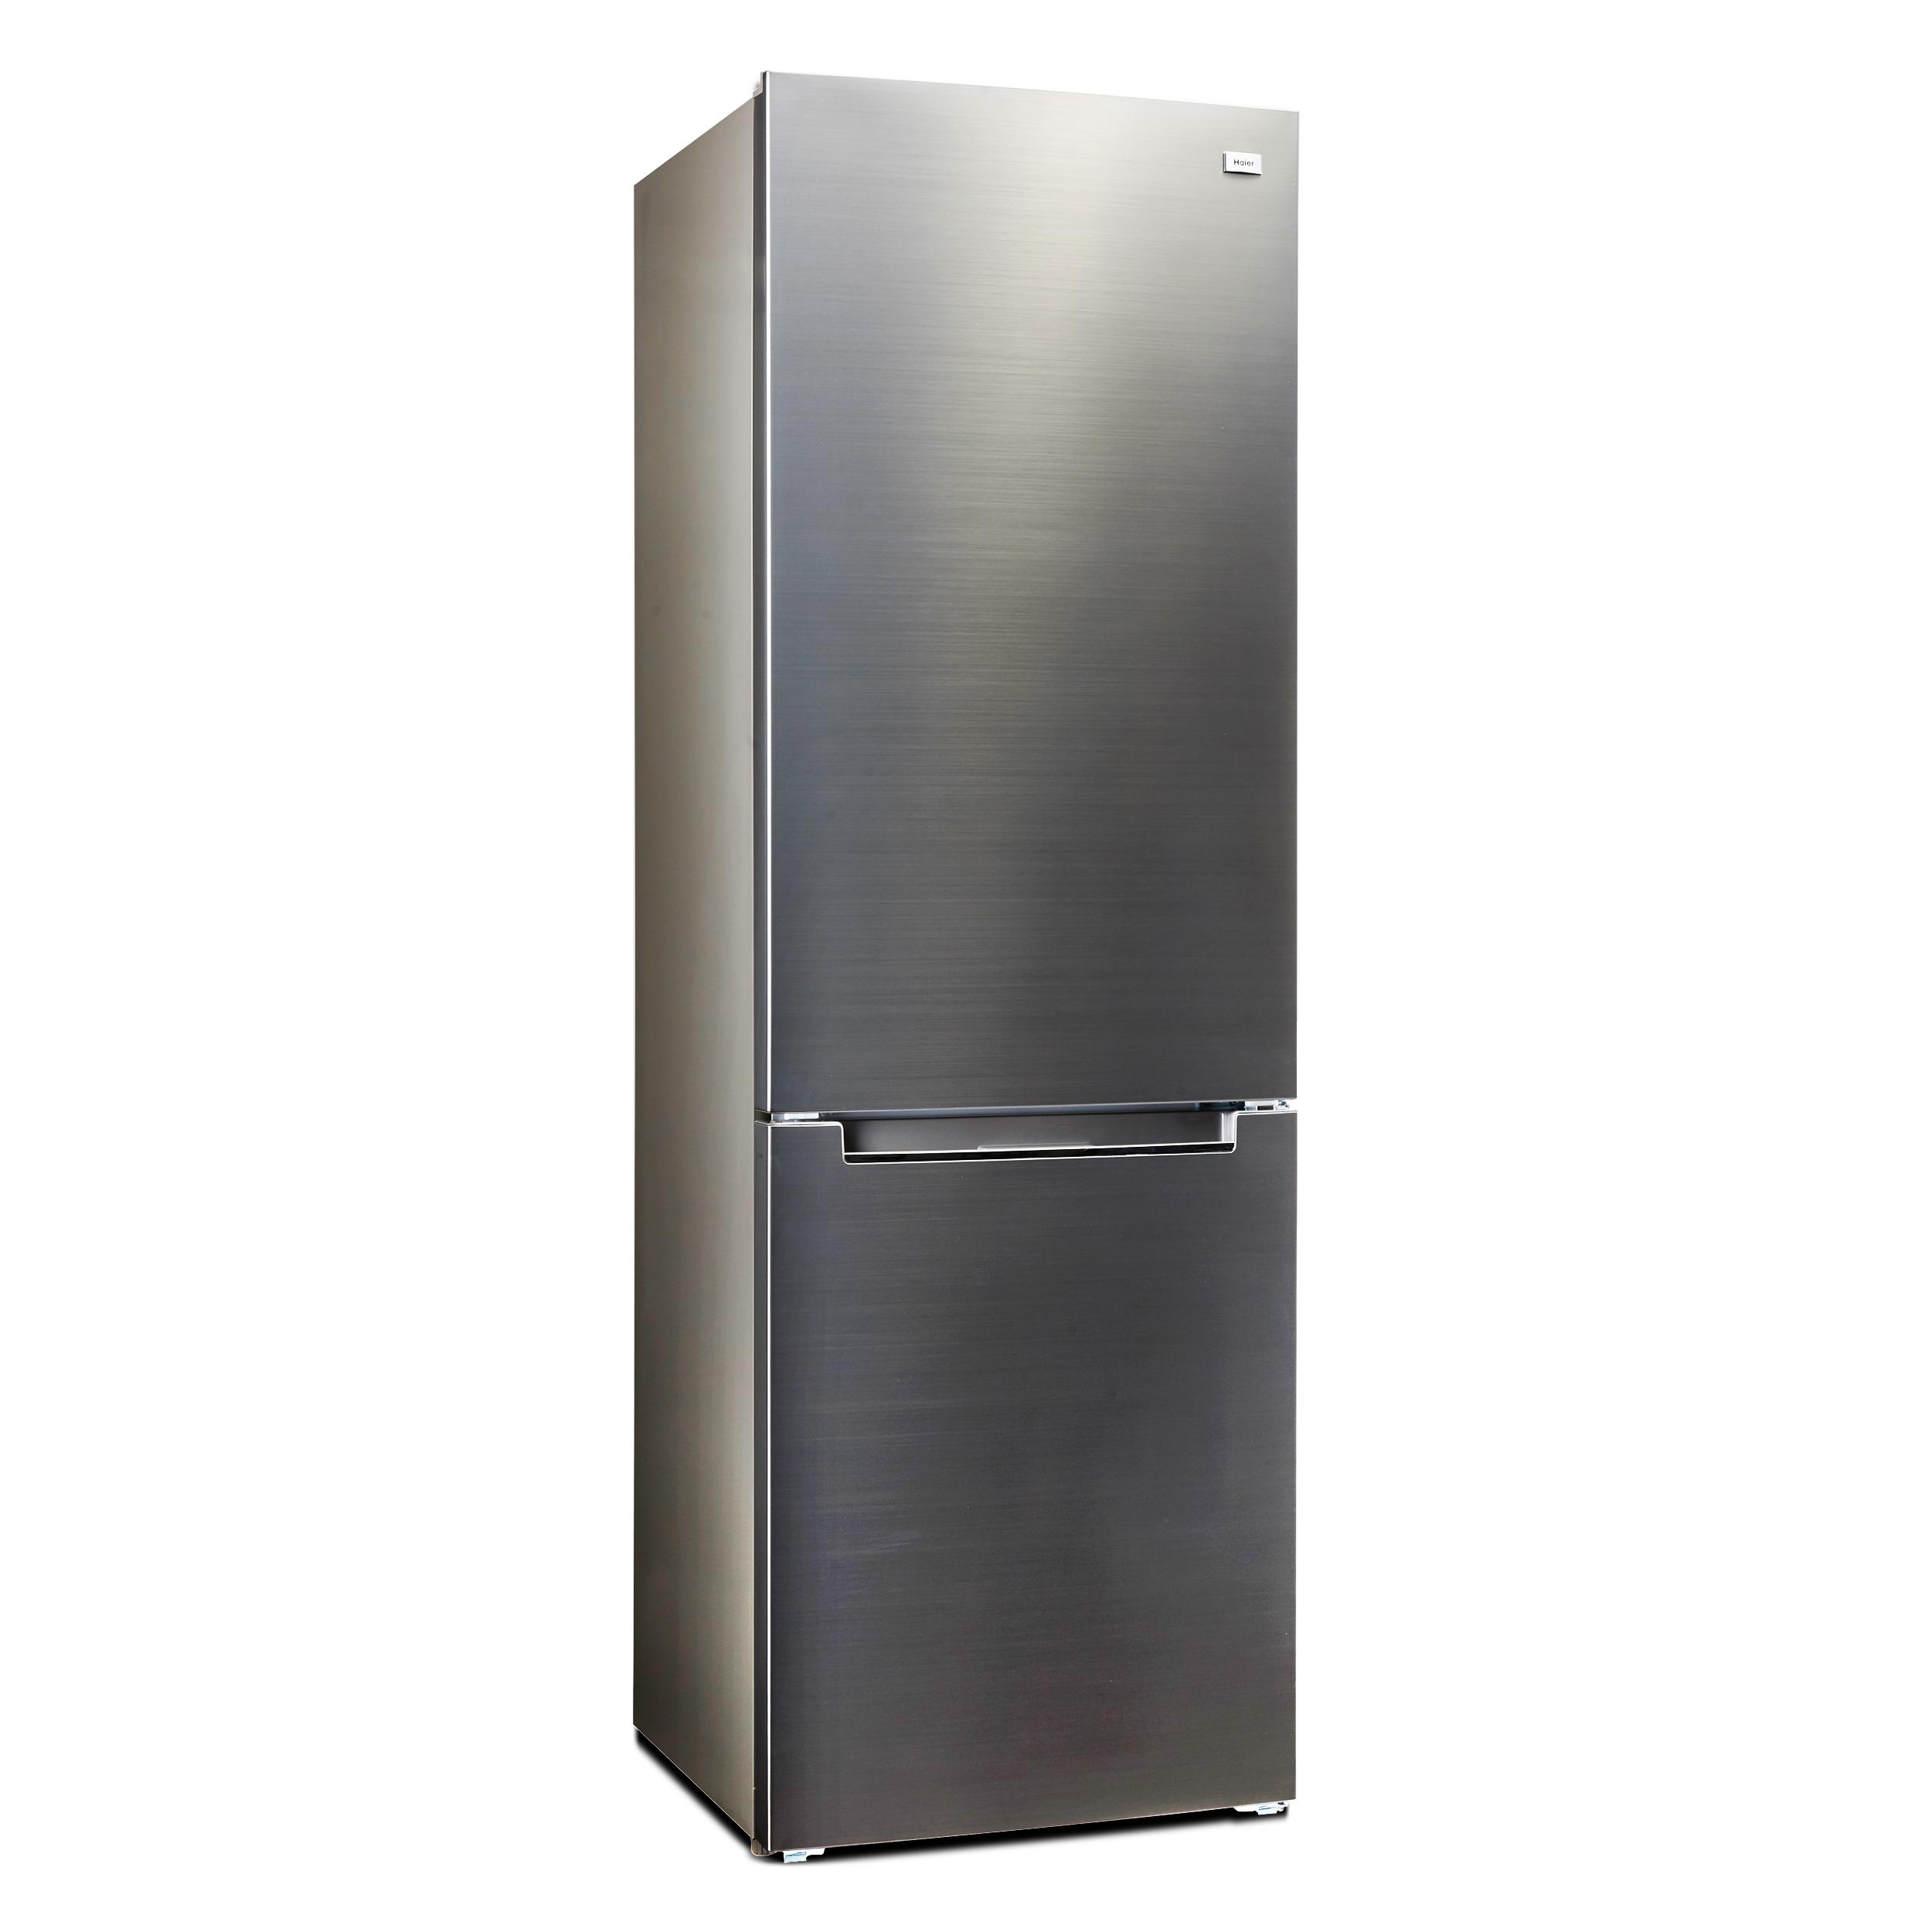 하이얼 콤비 냉장고 312L 방문설치, HRT325MDM(메탈)